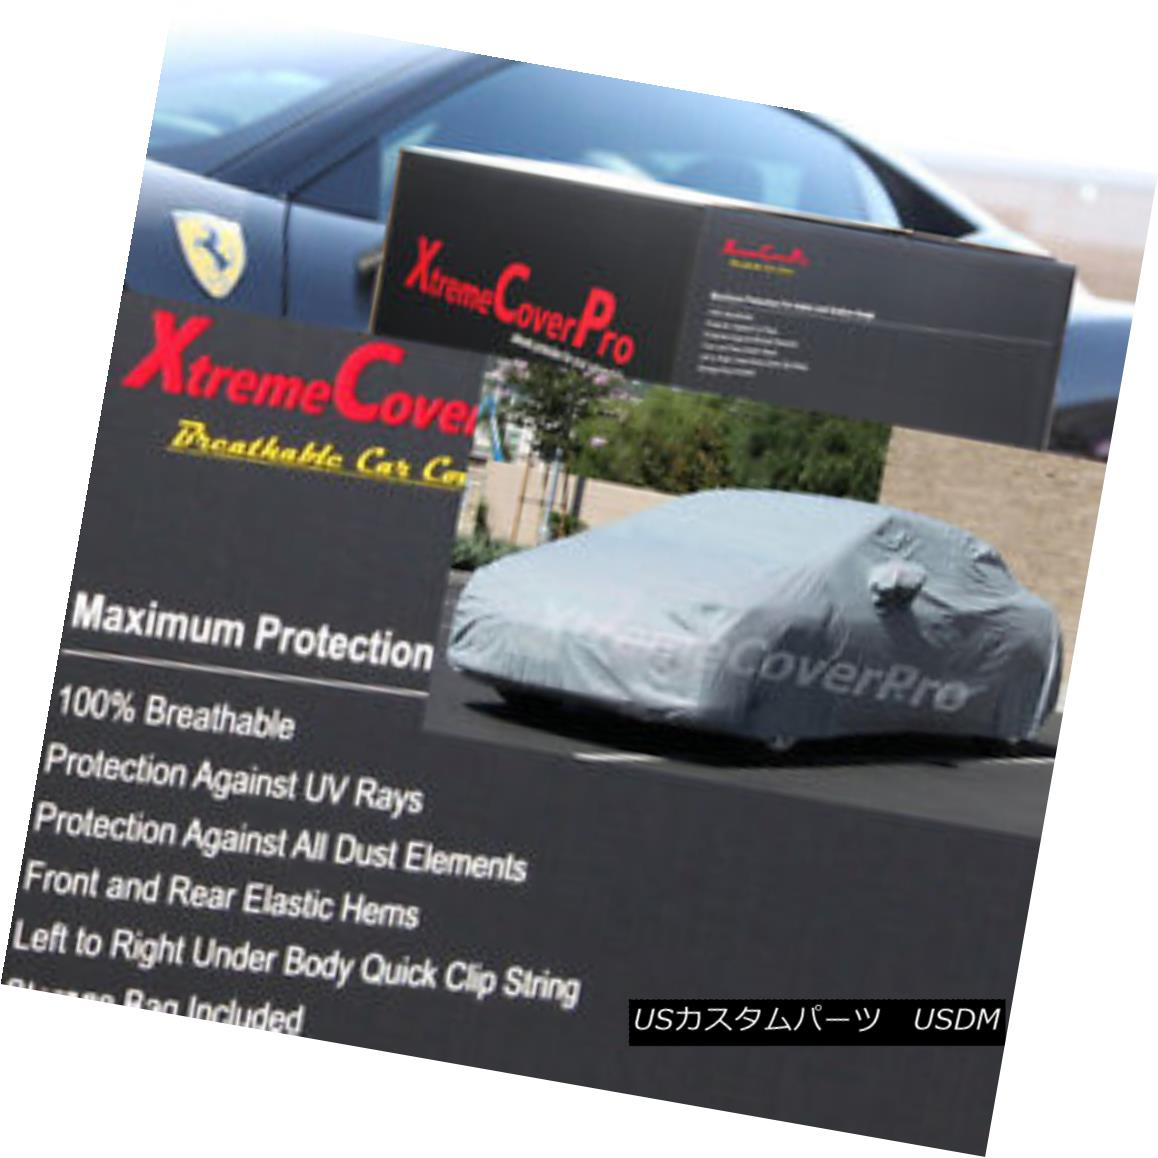 カーカバー 2004 2005 2006 Pontiac GTO Breathable Car Cover w/MirrorPocket 2004年2005年2006年Pontiac GTO通気性車カバー付き(MirrorPocket)